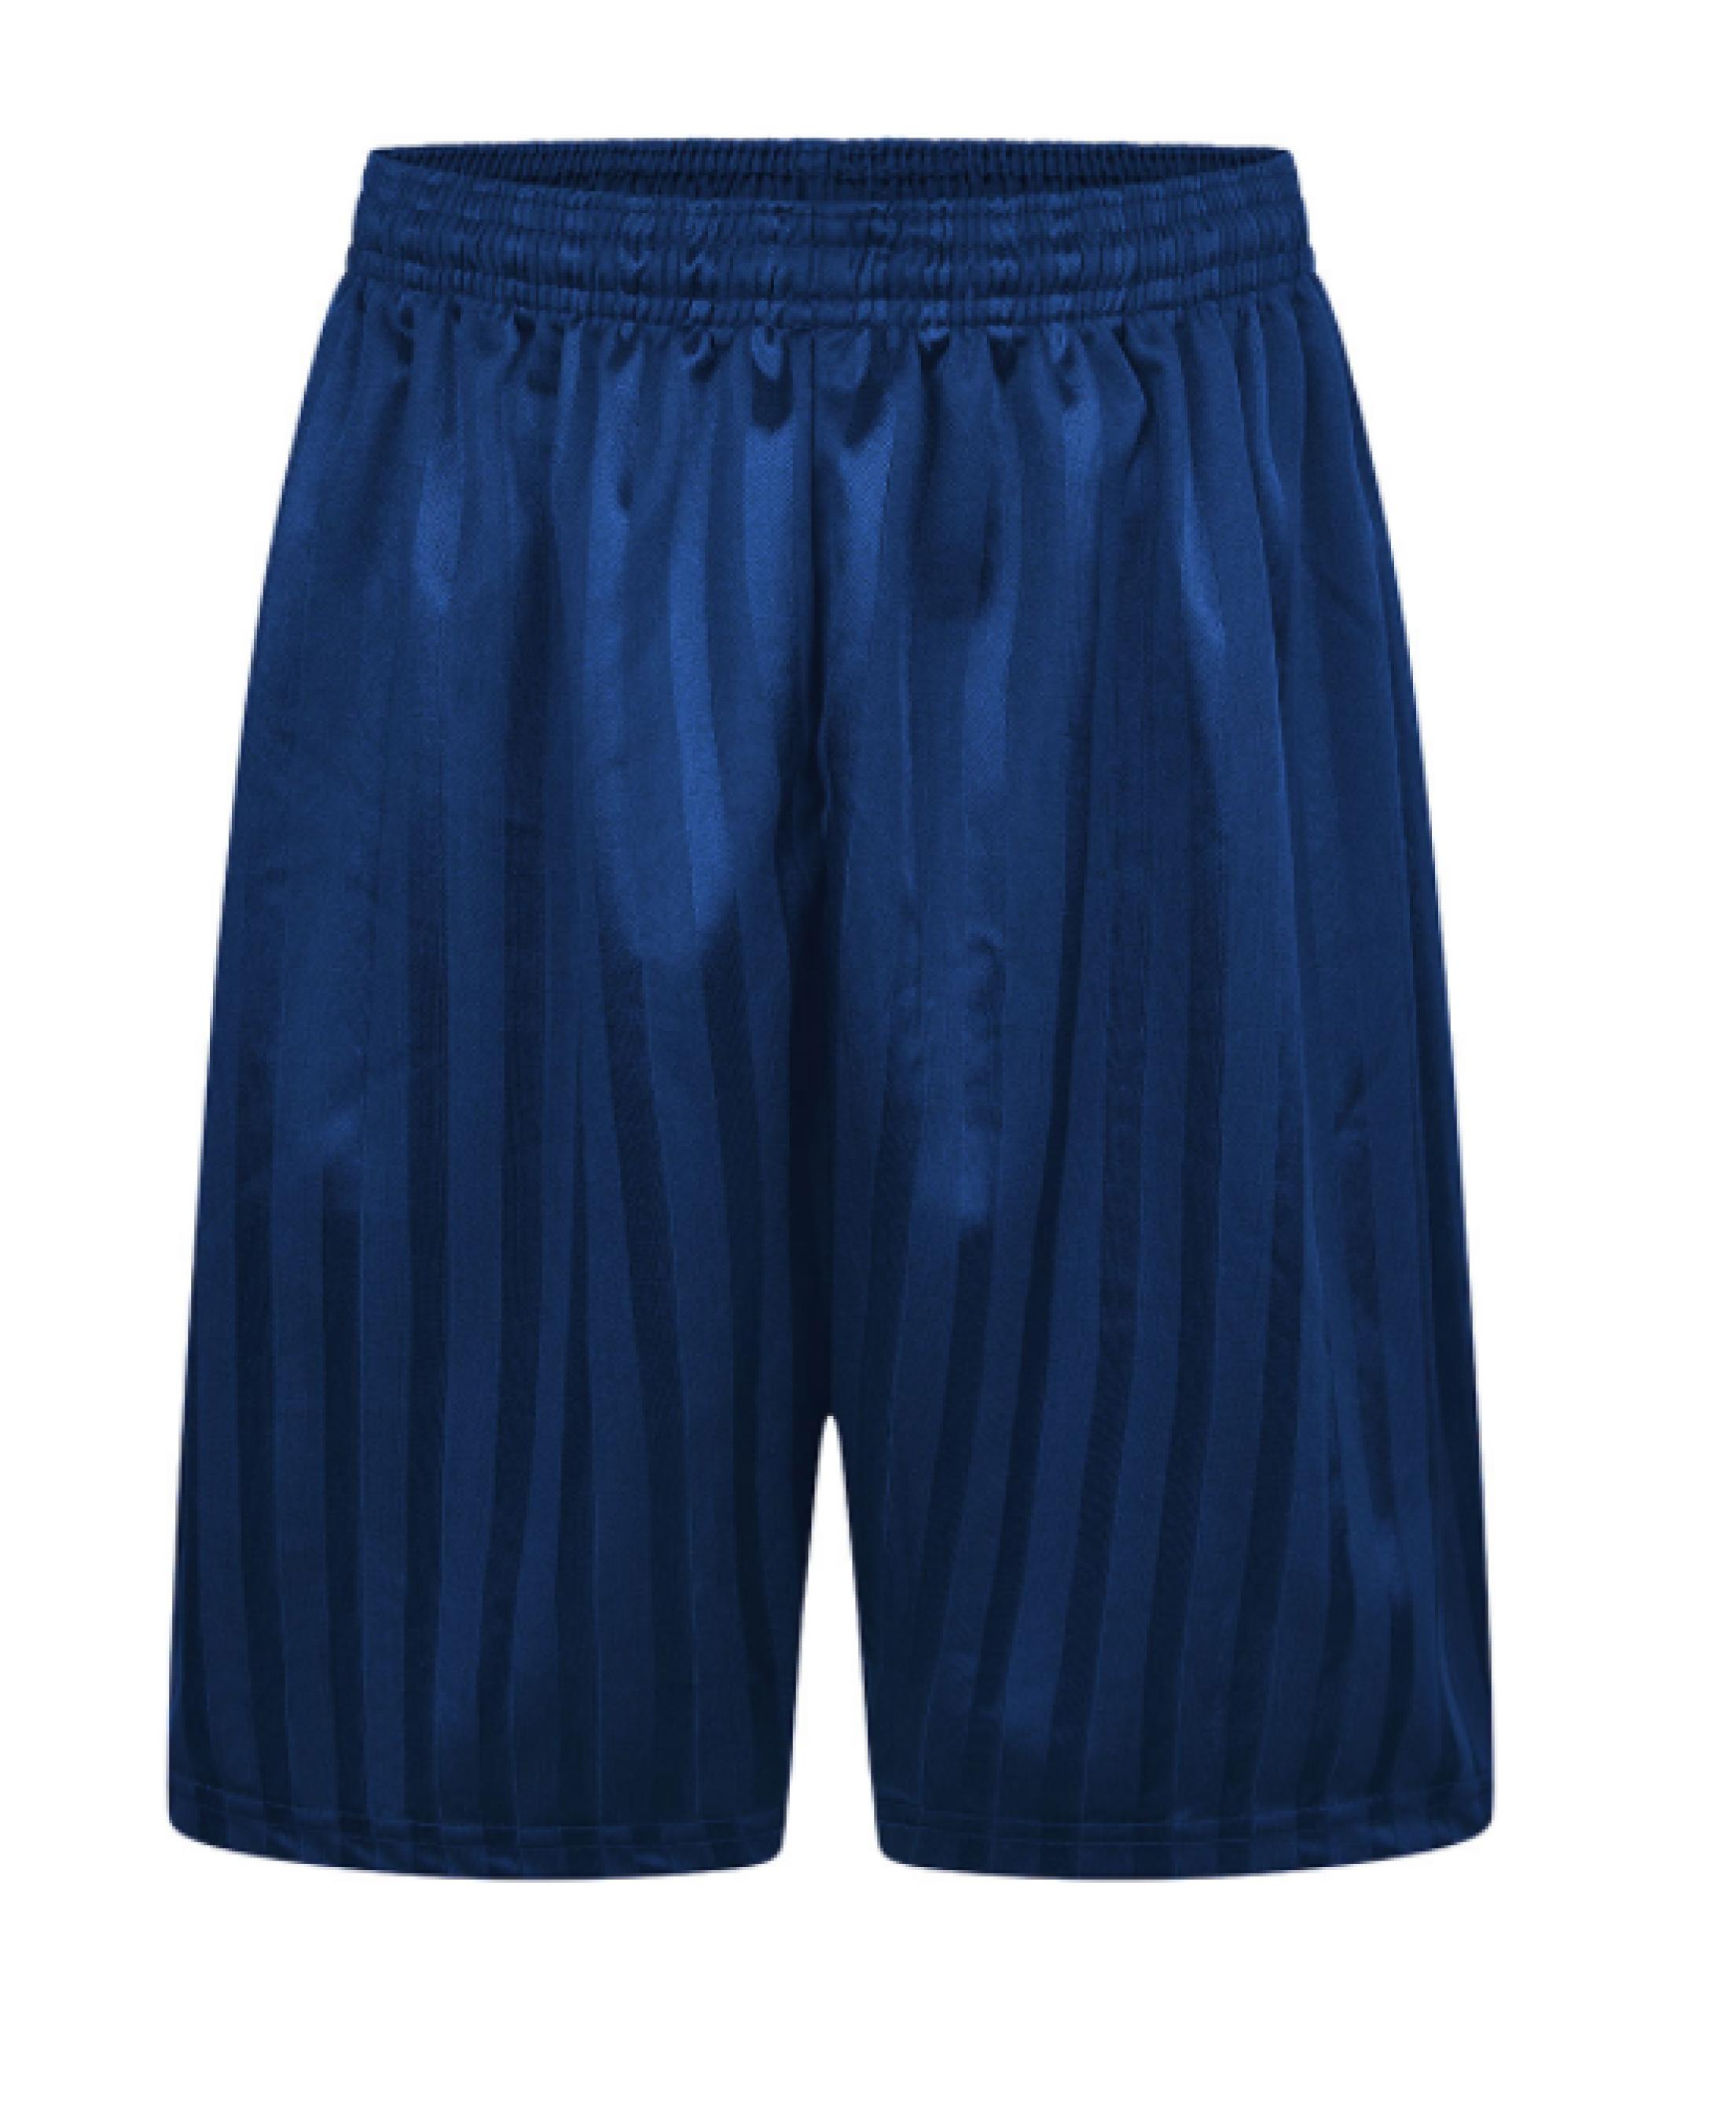 PE Shorts Navy